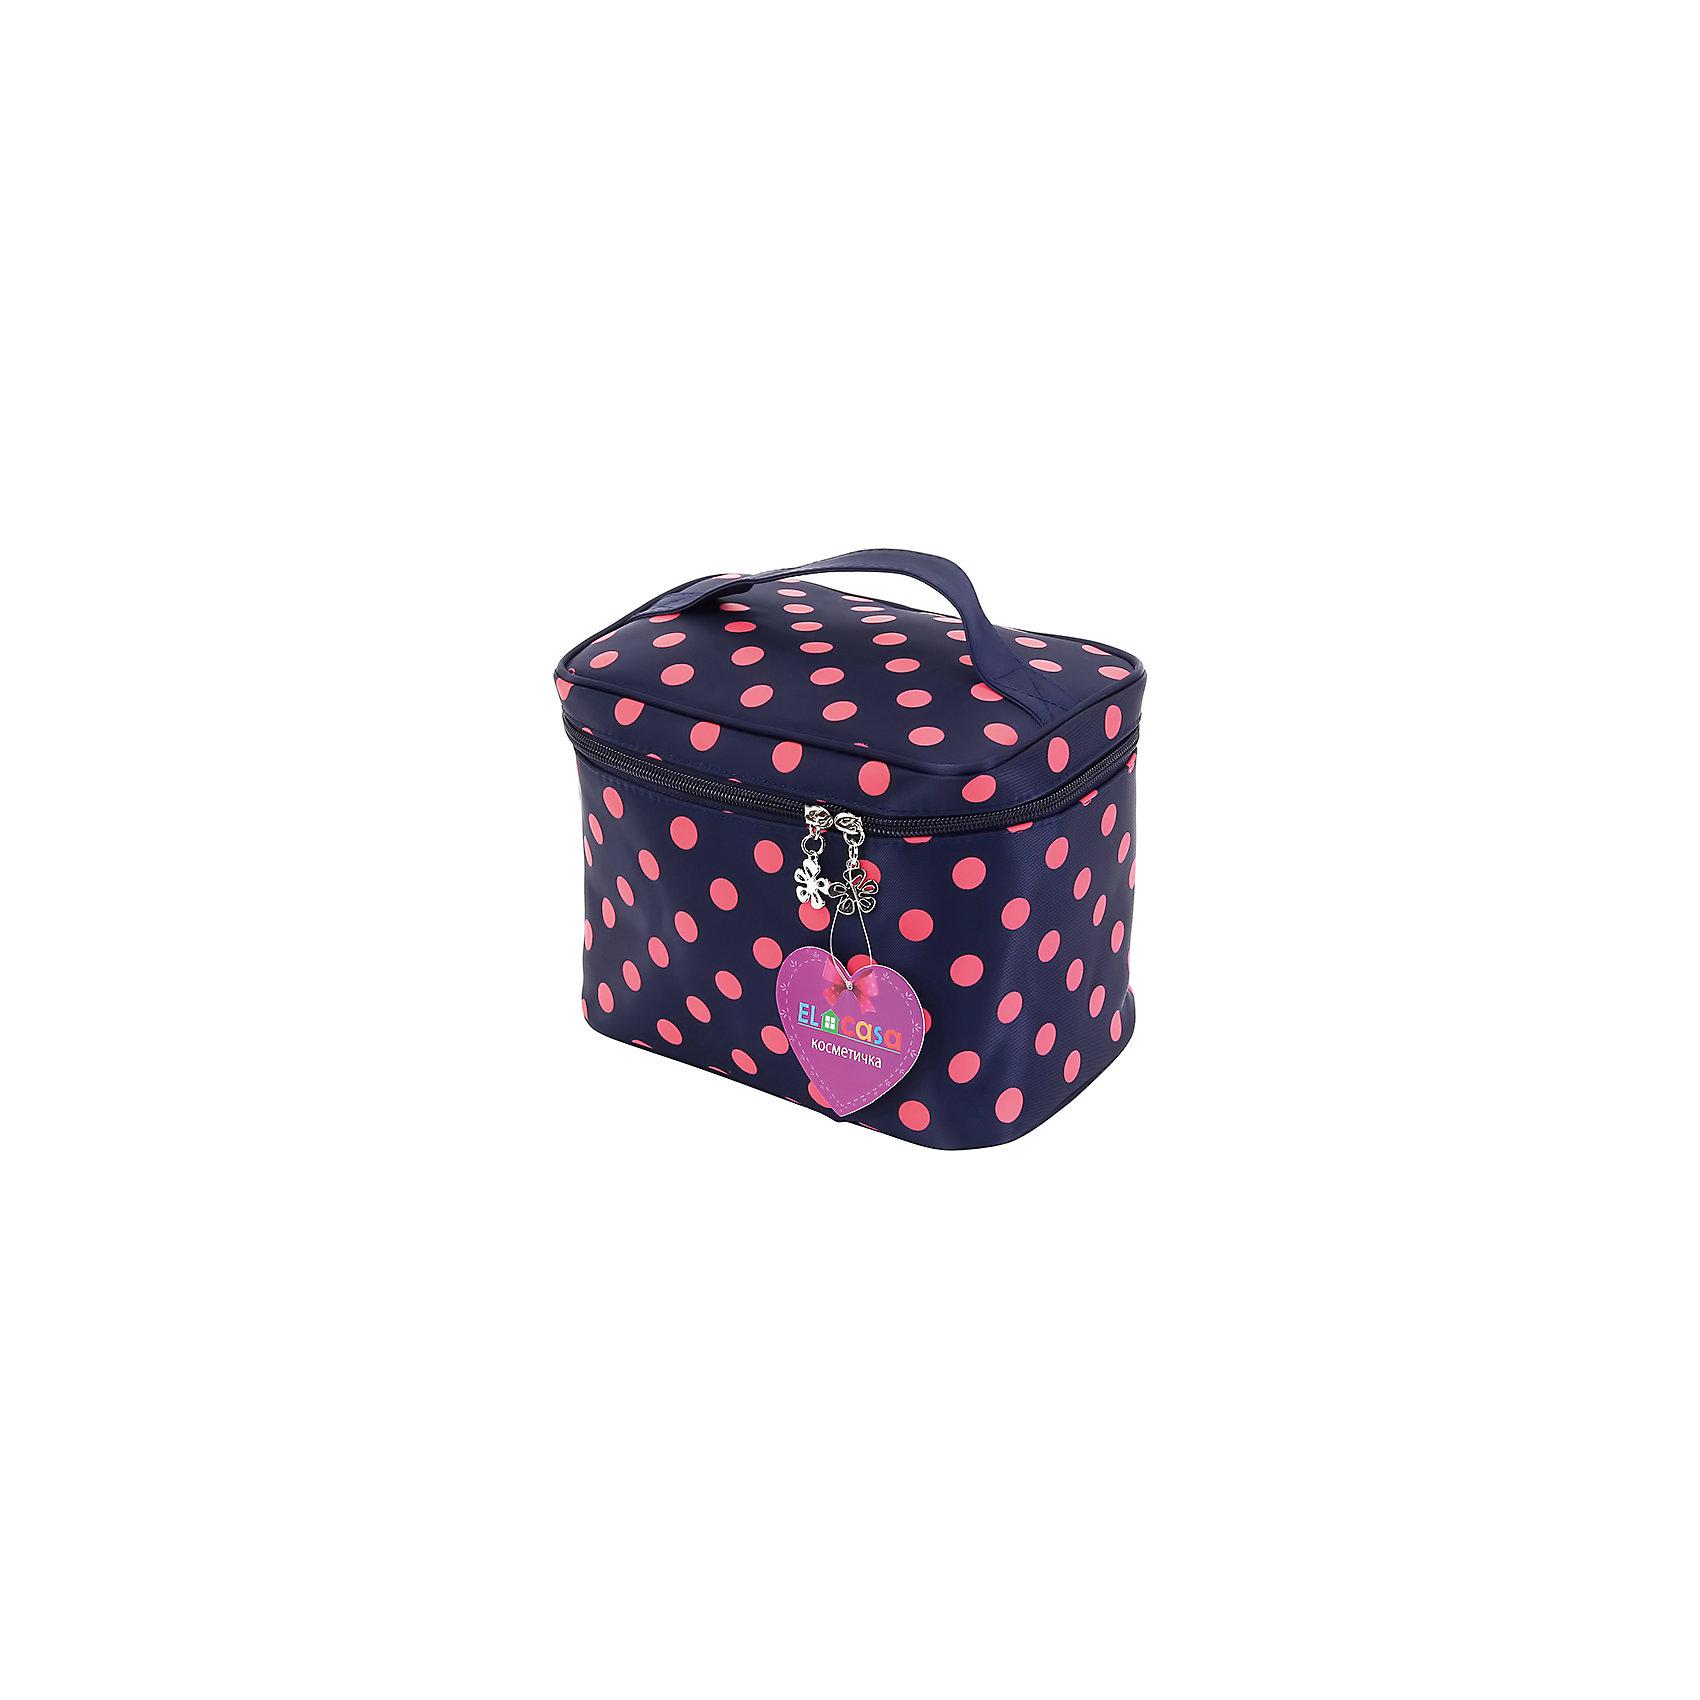 Косметичка Синяя с розовым горошком, EL CasaВ дорогу<br>Характеристики товара:<br><br>• цвет: мульти<br>• материал: полиэстер 100%<br>• размер: 9 х 13 х 20 см<br>• вес: 100 г<br>• декорирована принтом<br>• застежка: молния<br>• ручка<br>• стильный дизайн<br>• удобная<br>• защита вещей от пыли<br>• универсальный размер<br>• страна бренда: Российская Федерация<br>• страна производства: Китай<br><br>Эта косметичка - отличный пример красивой и функциональной вещи. В ней удобной хранить различные мелочи, благодаря универсальному дизайну и небольшому размеру косметичка легко влезает в сумочку.<br><br>Яркая косметичка может стать отличным приобретением для дома или подарком для любителей красивых оригинальных вещей.<br><br>Бренд EL Casa - это красивые и практичные товары для дома с современным дизайном. Они добавляют в жильё уюта и комфорта! <br><br>Косметичку Синяя с розовым горошком, EL Casa, можно купить в нашем интернет-магазине.<br><br>Ширина мм: 200<br>Глубина мм: 130<br>Высота мм: 30<br>Вес г: 150<br>Возраст от месяцев: 0<br>Возраст до месяцев: 1188<br>Пол: Унисекс<br>Возраст: Детский<br>SKU: 6668812